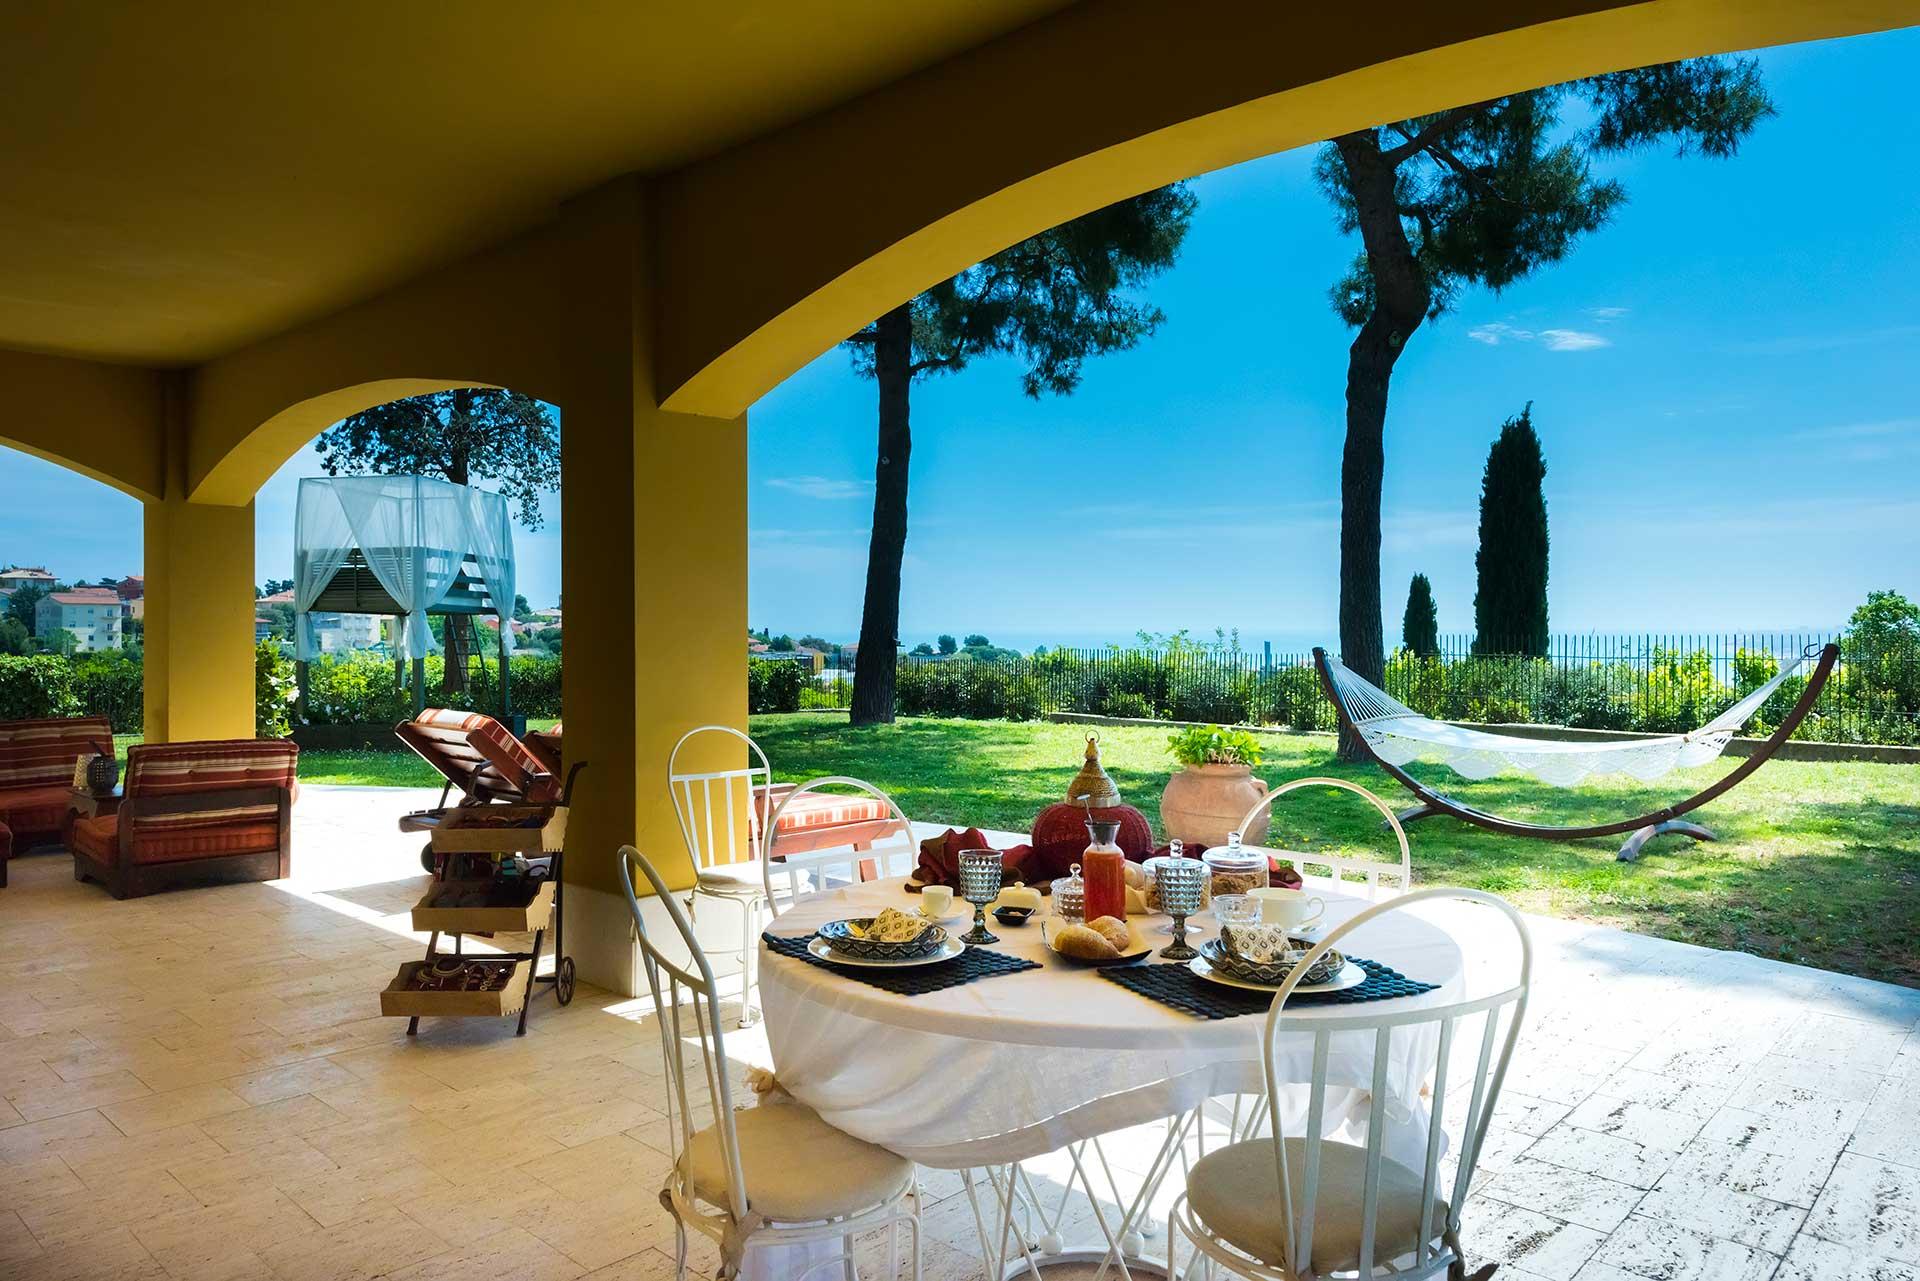 Una veduta panoramica della suite del Bed & Breakfast Tra gli Alberi e il Mare, con il suo giardino, l'amaca, lo star bed e i lettini, con una splendida vista sul mare.